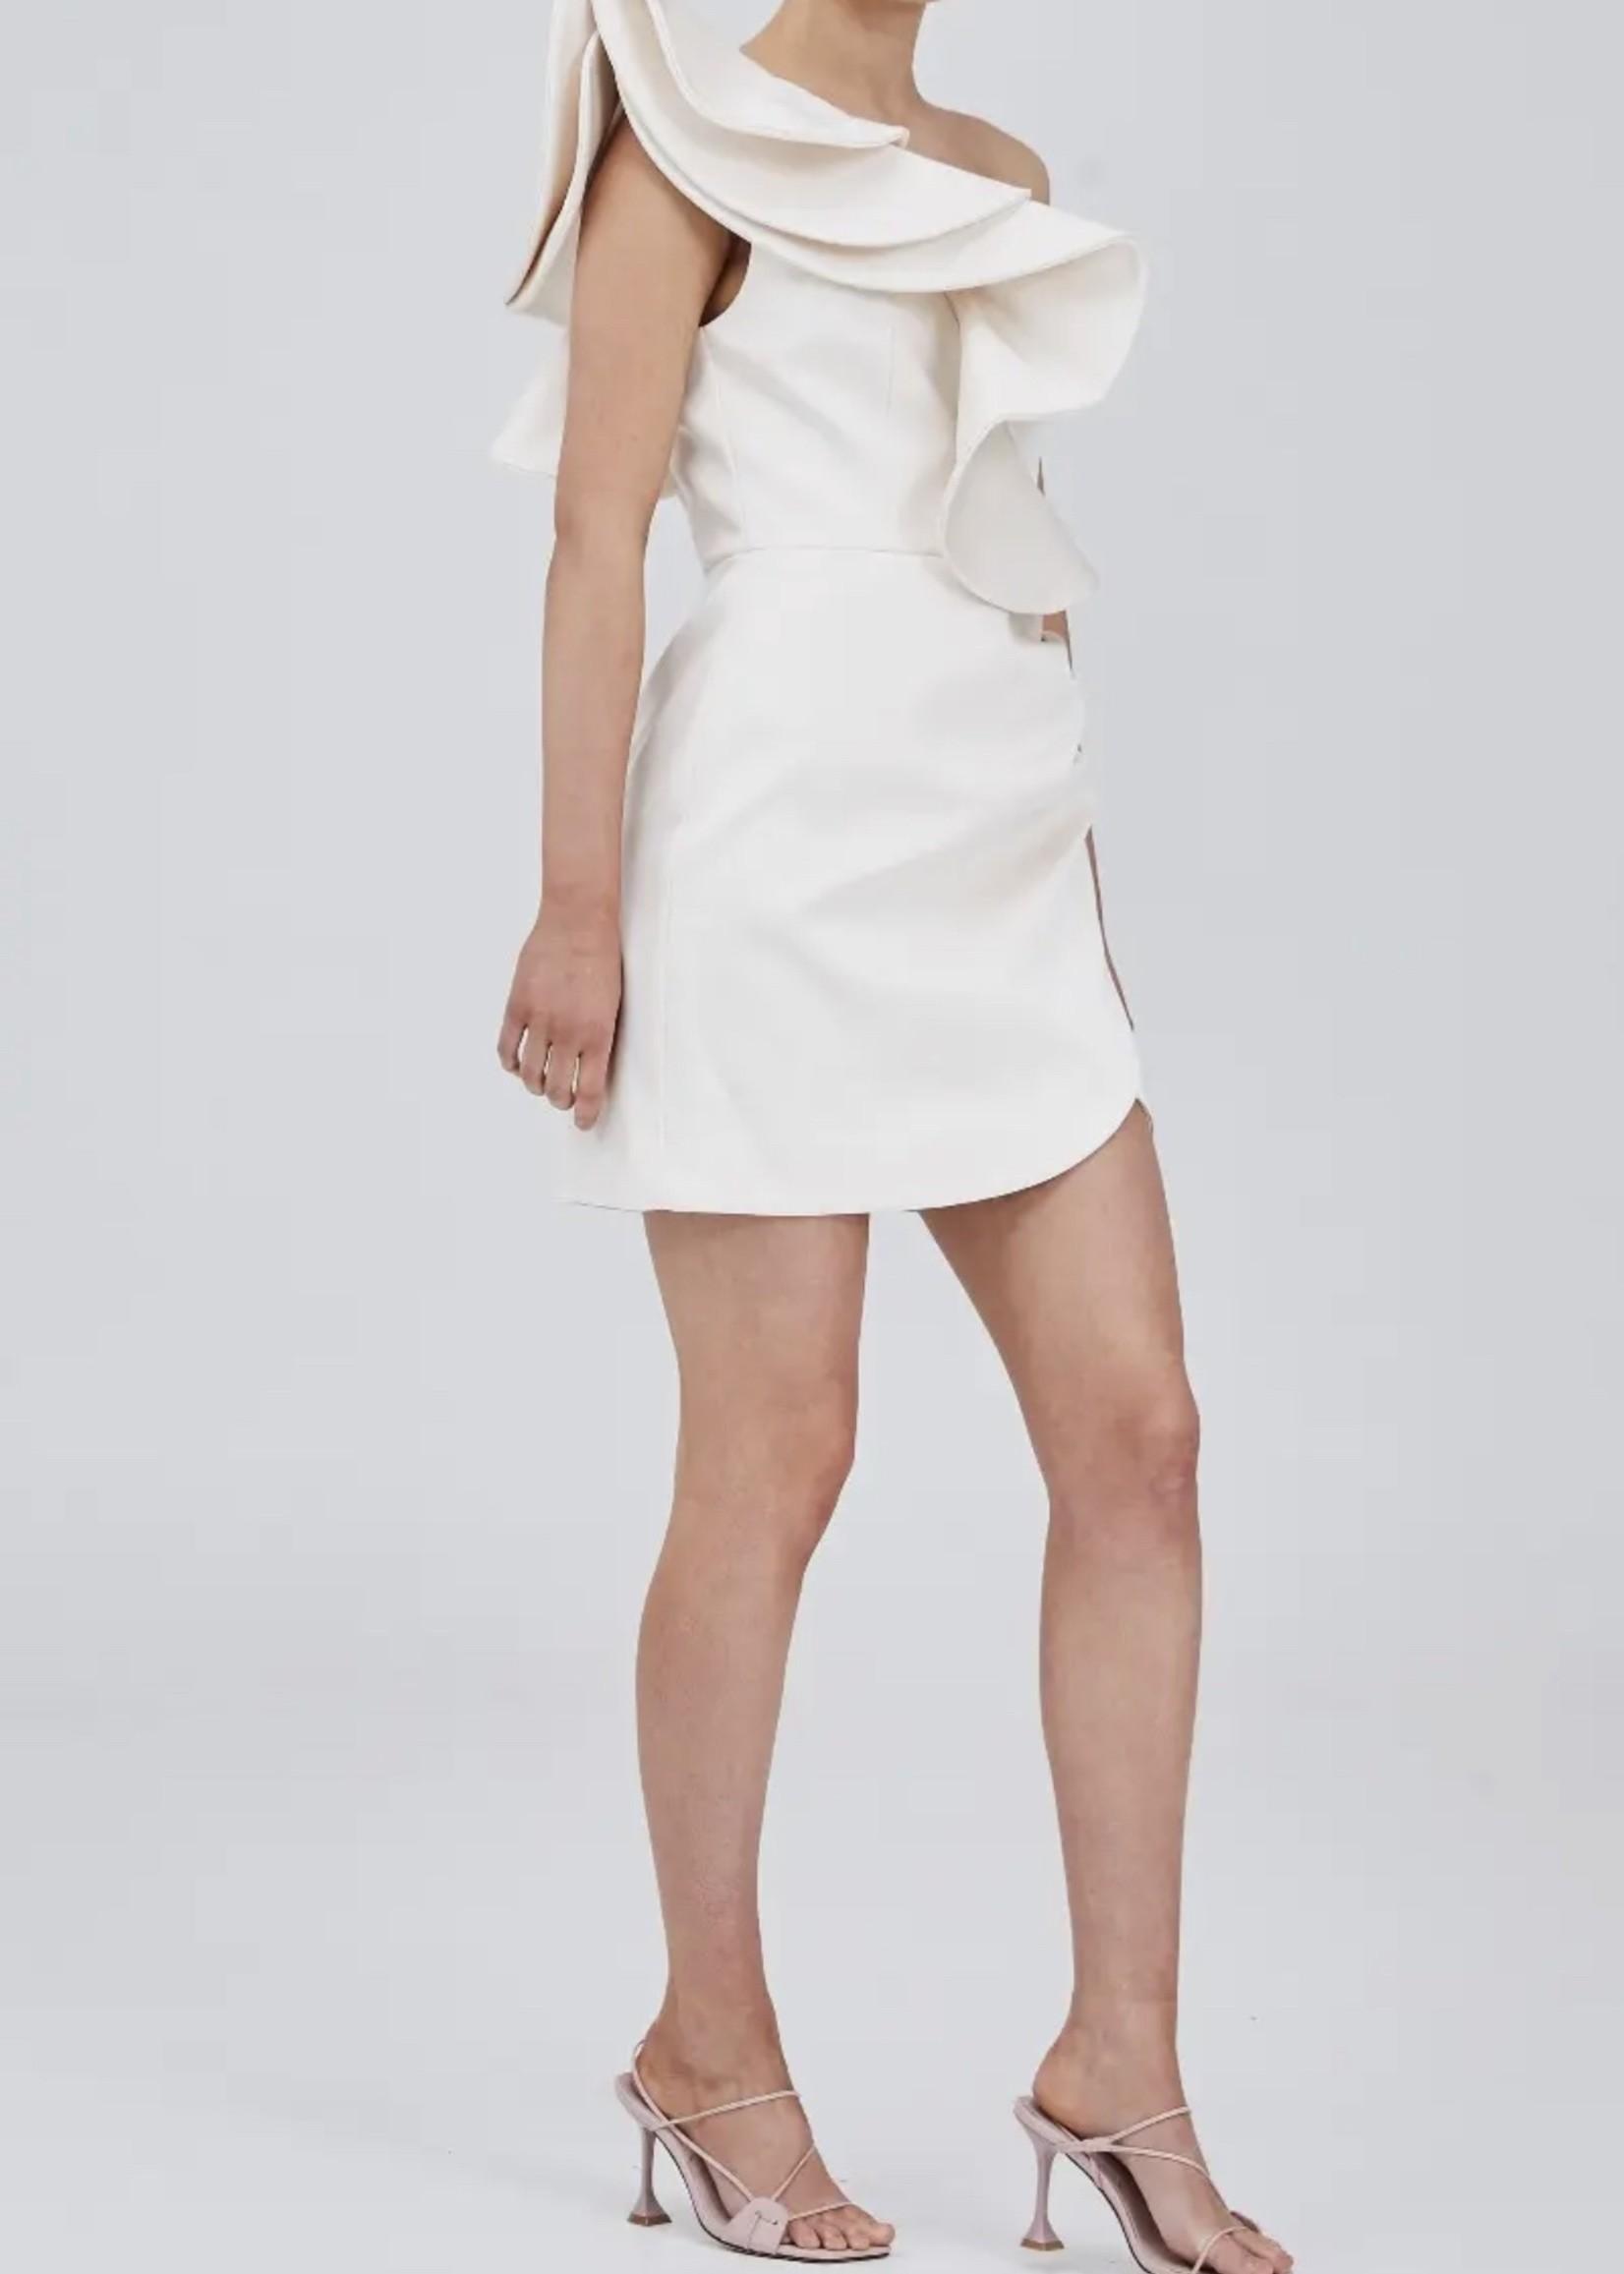 Elitaire Boutique Resolve Creme Dress